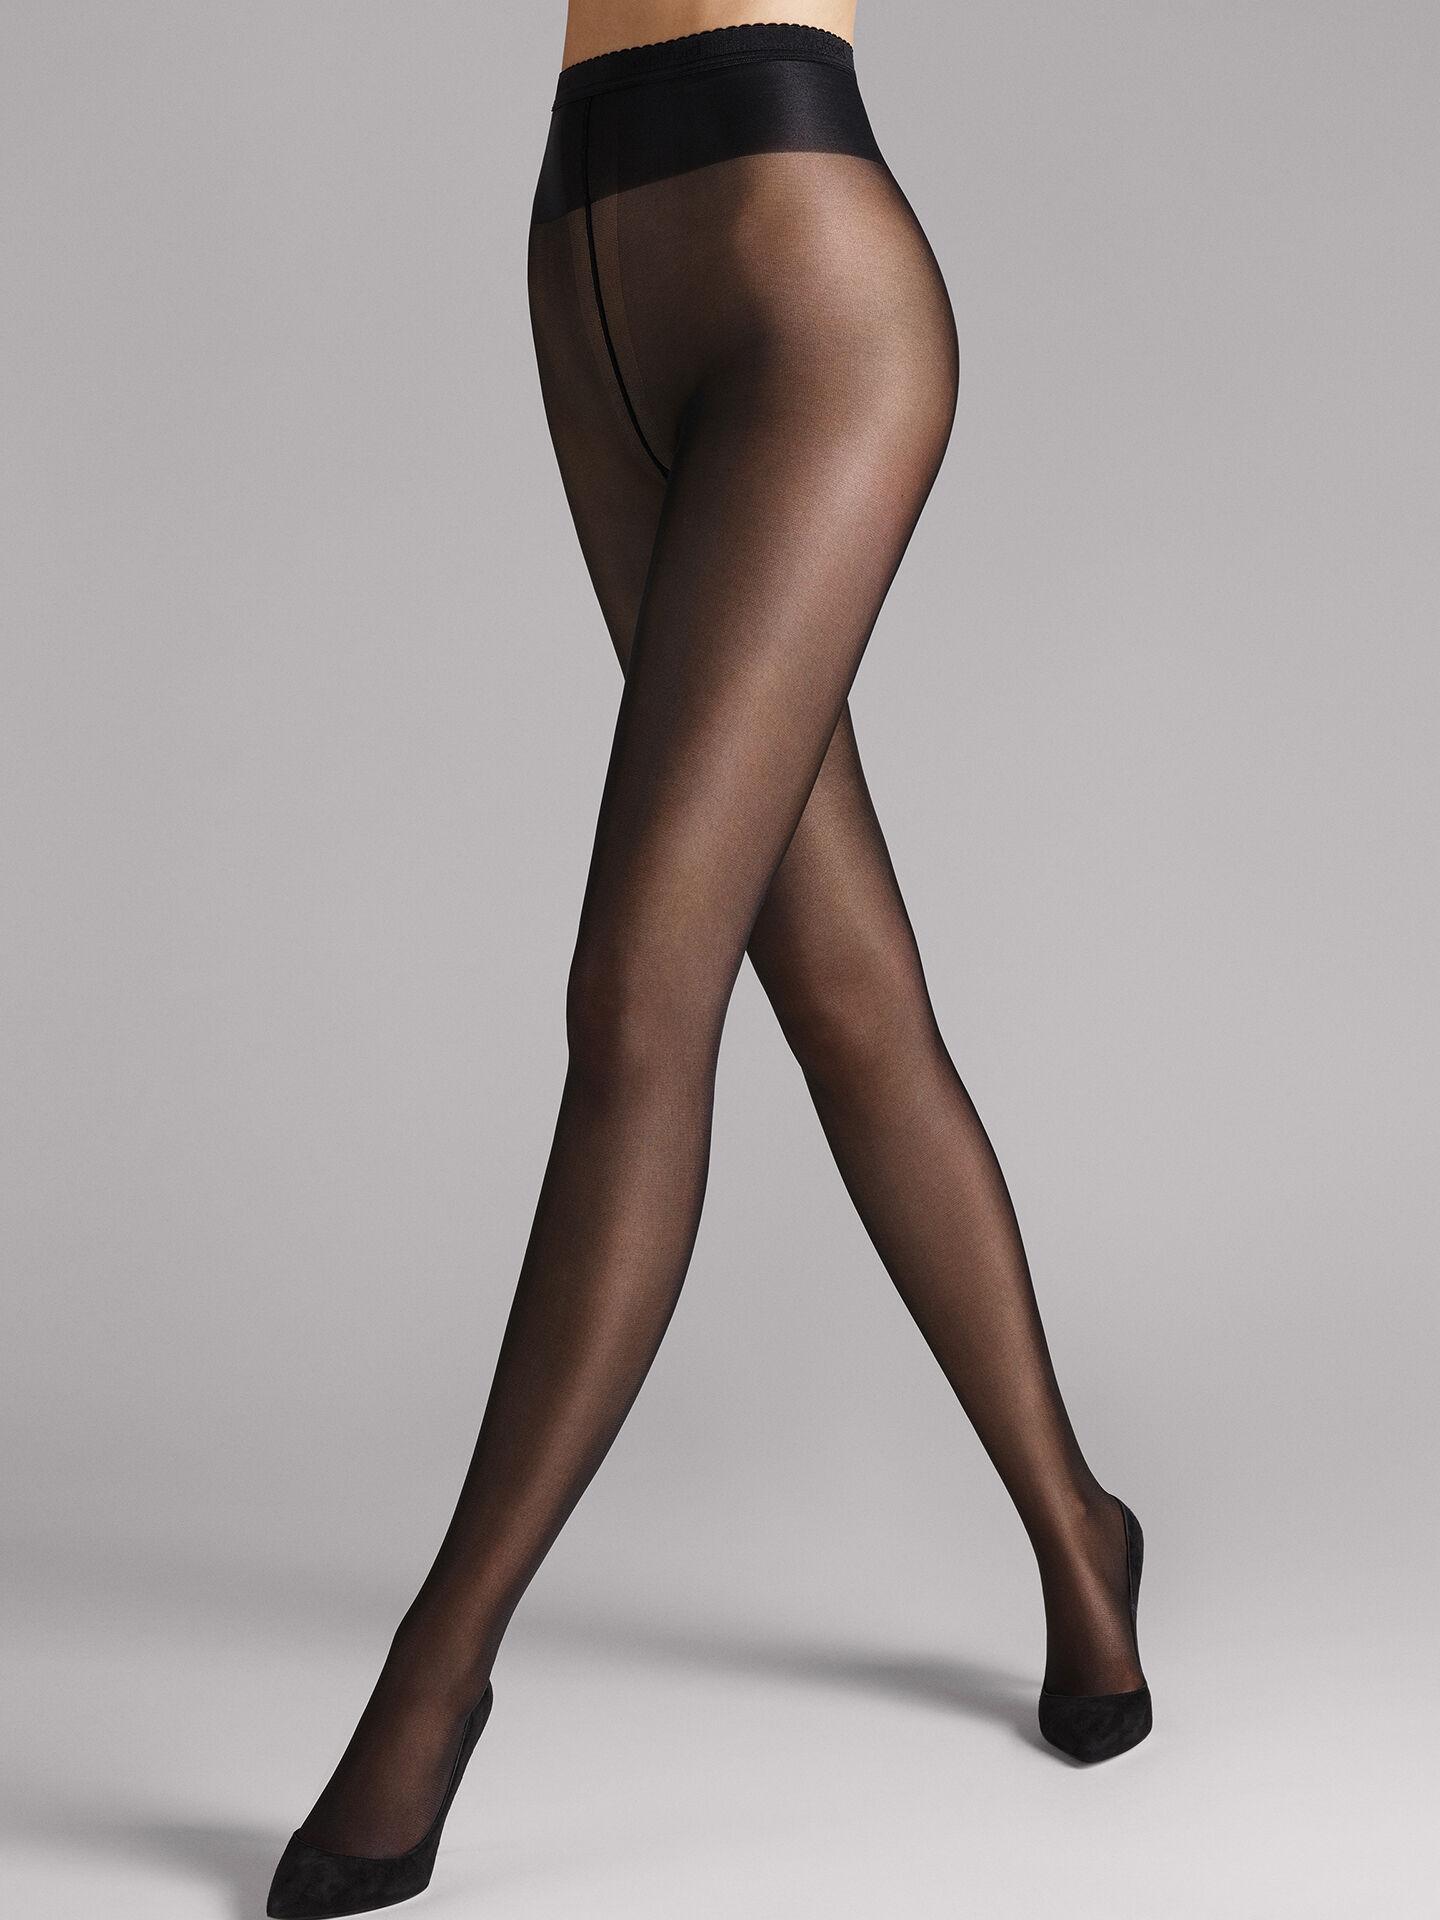 Shiny Pantyhose Pics Free Nylon